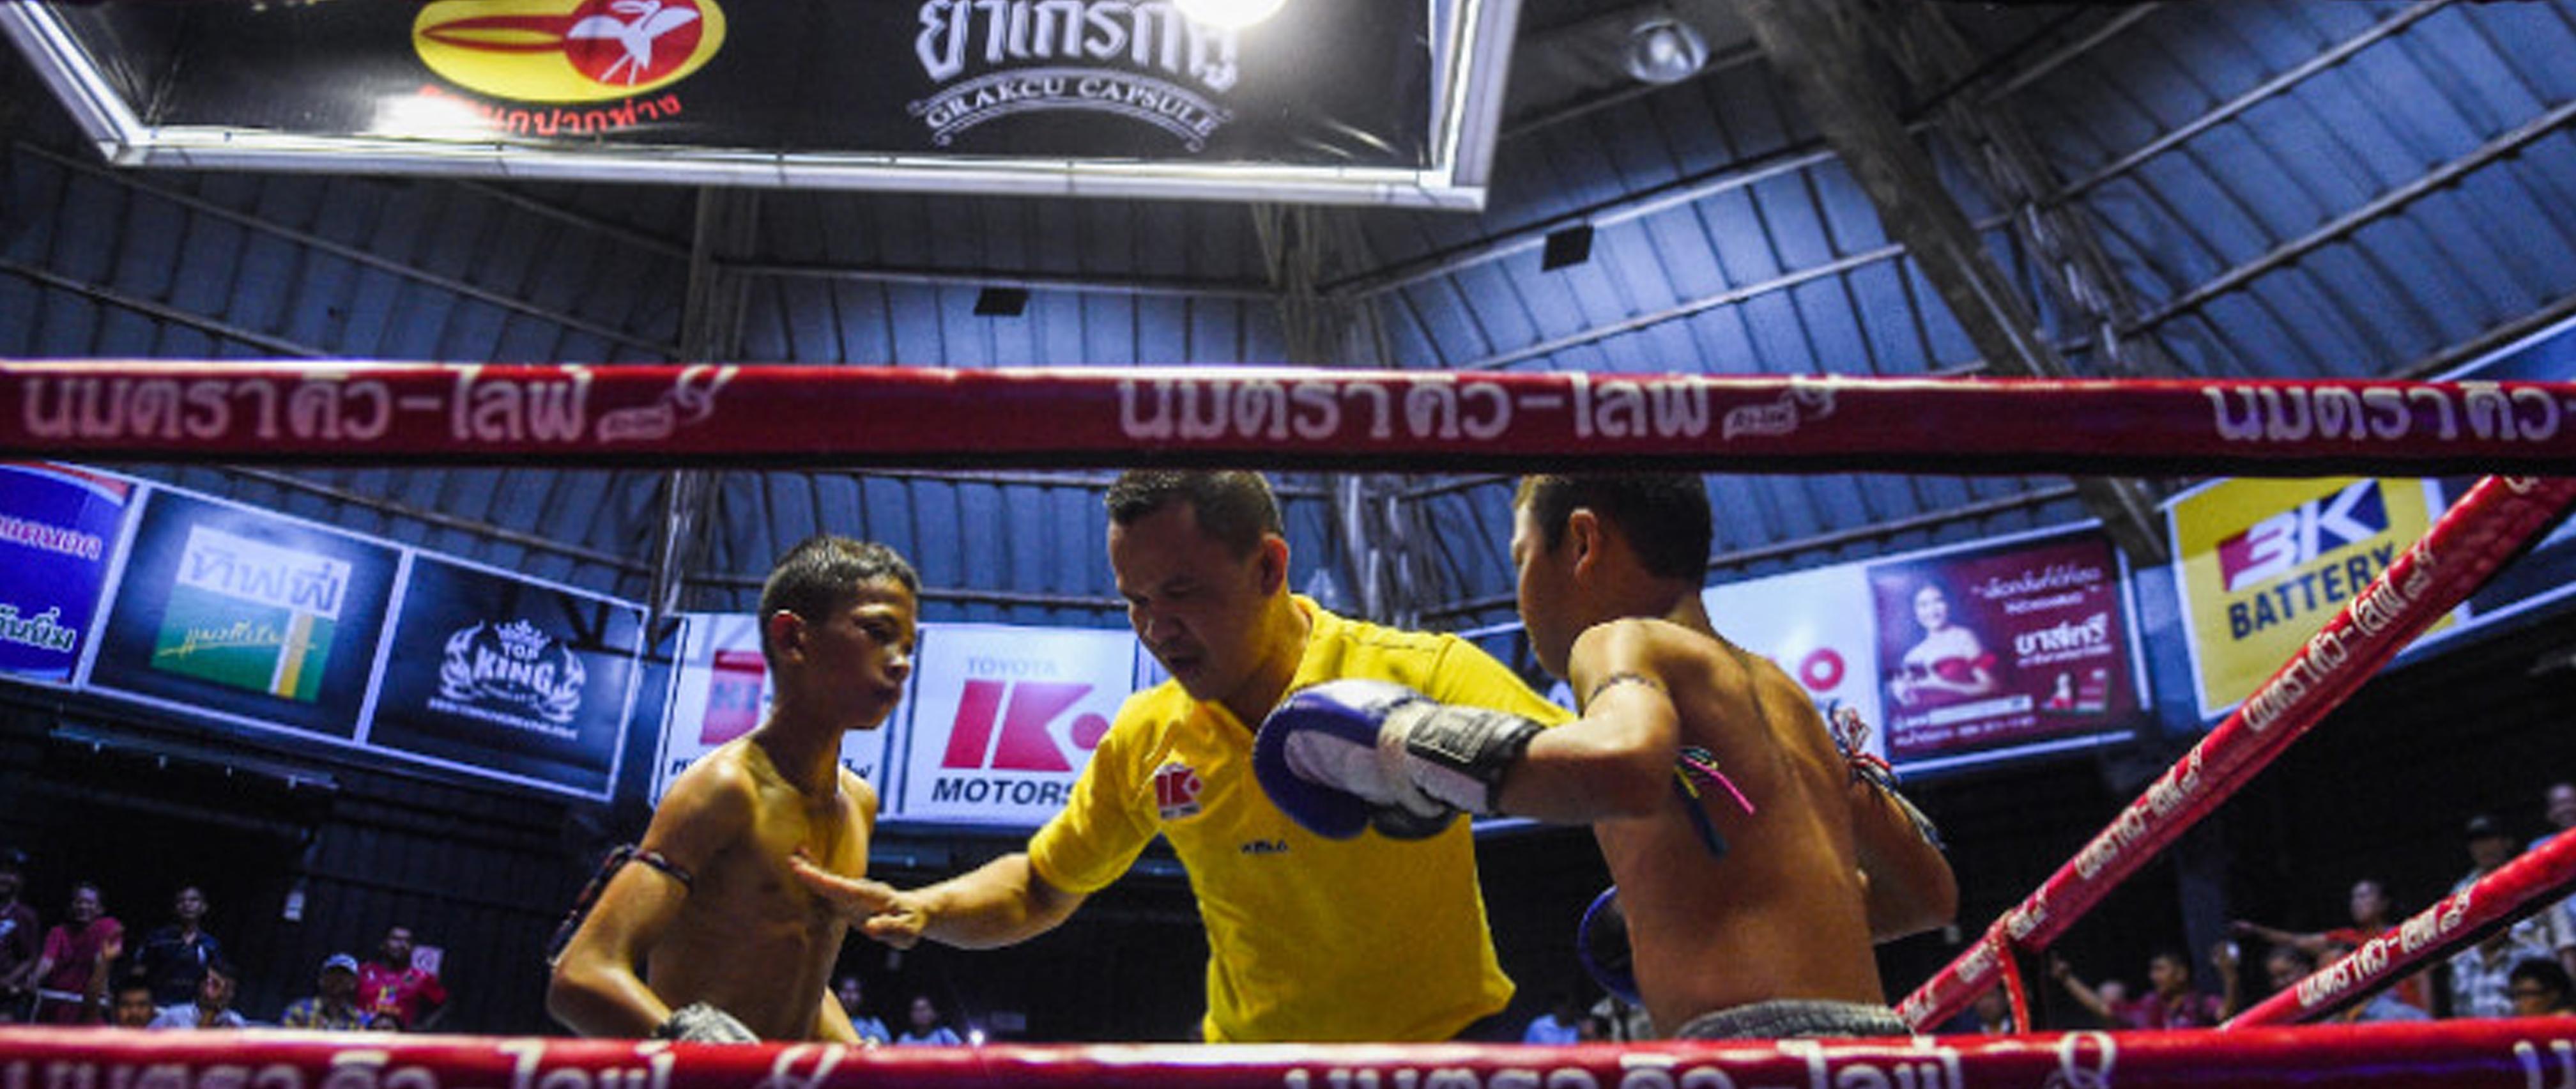 Thaiboxen Trainieren